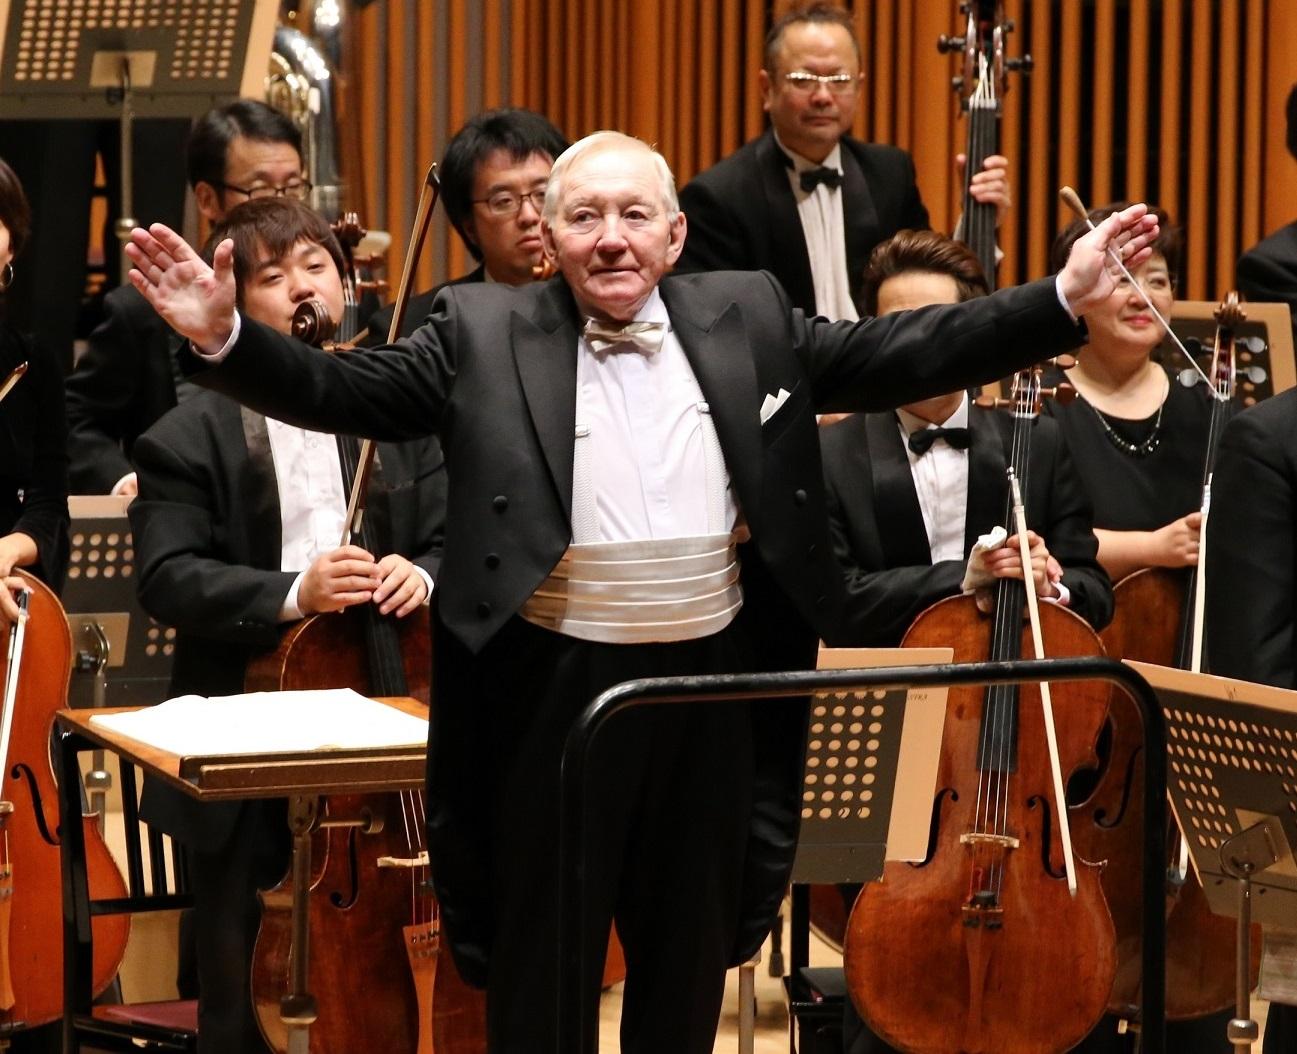 3/5 NHK-FM「ブラボー!オーケストラ」 エリシュカ&札響演奏会(再放送)のお知らせ